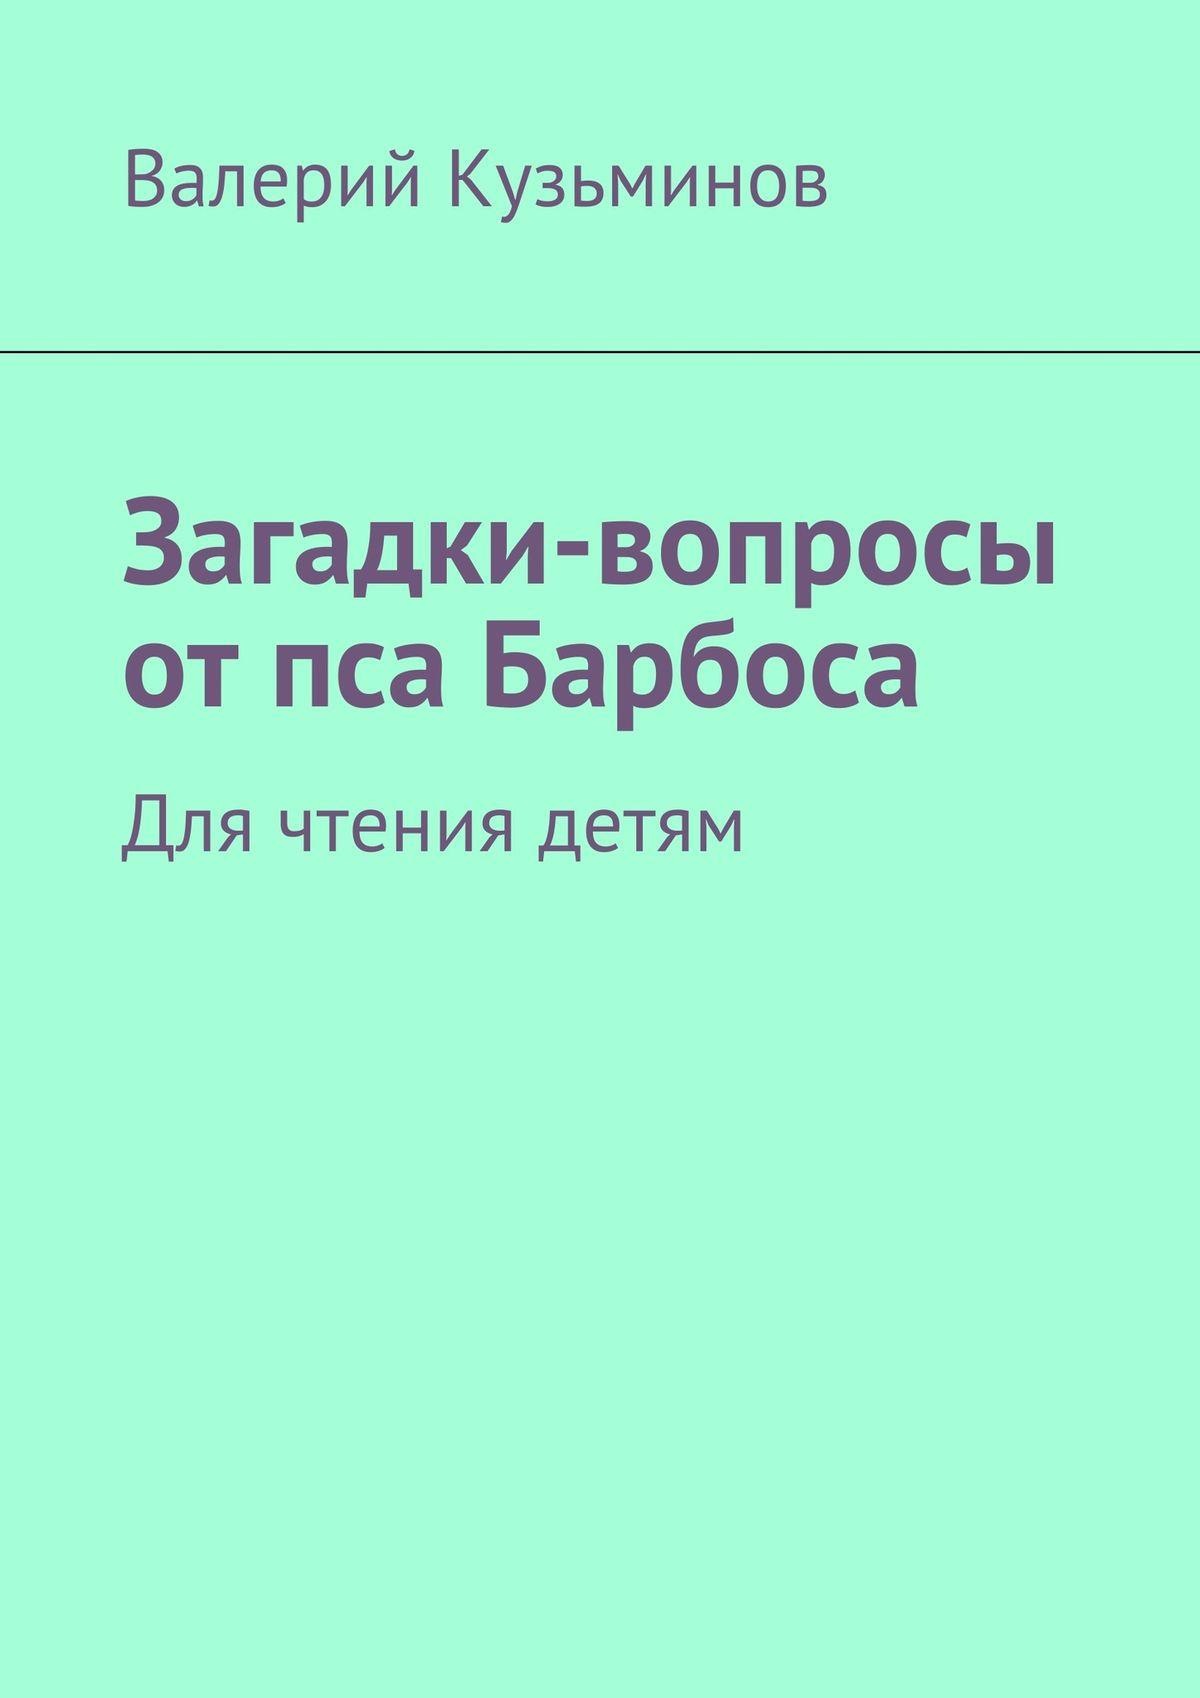 Валерий Кузьминов Загадки-вопросы отпса Барбоса. Для чтения детям валерий кузьминов загадки с